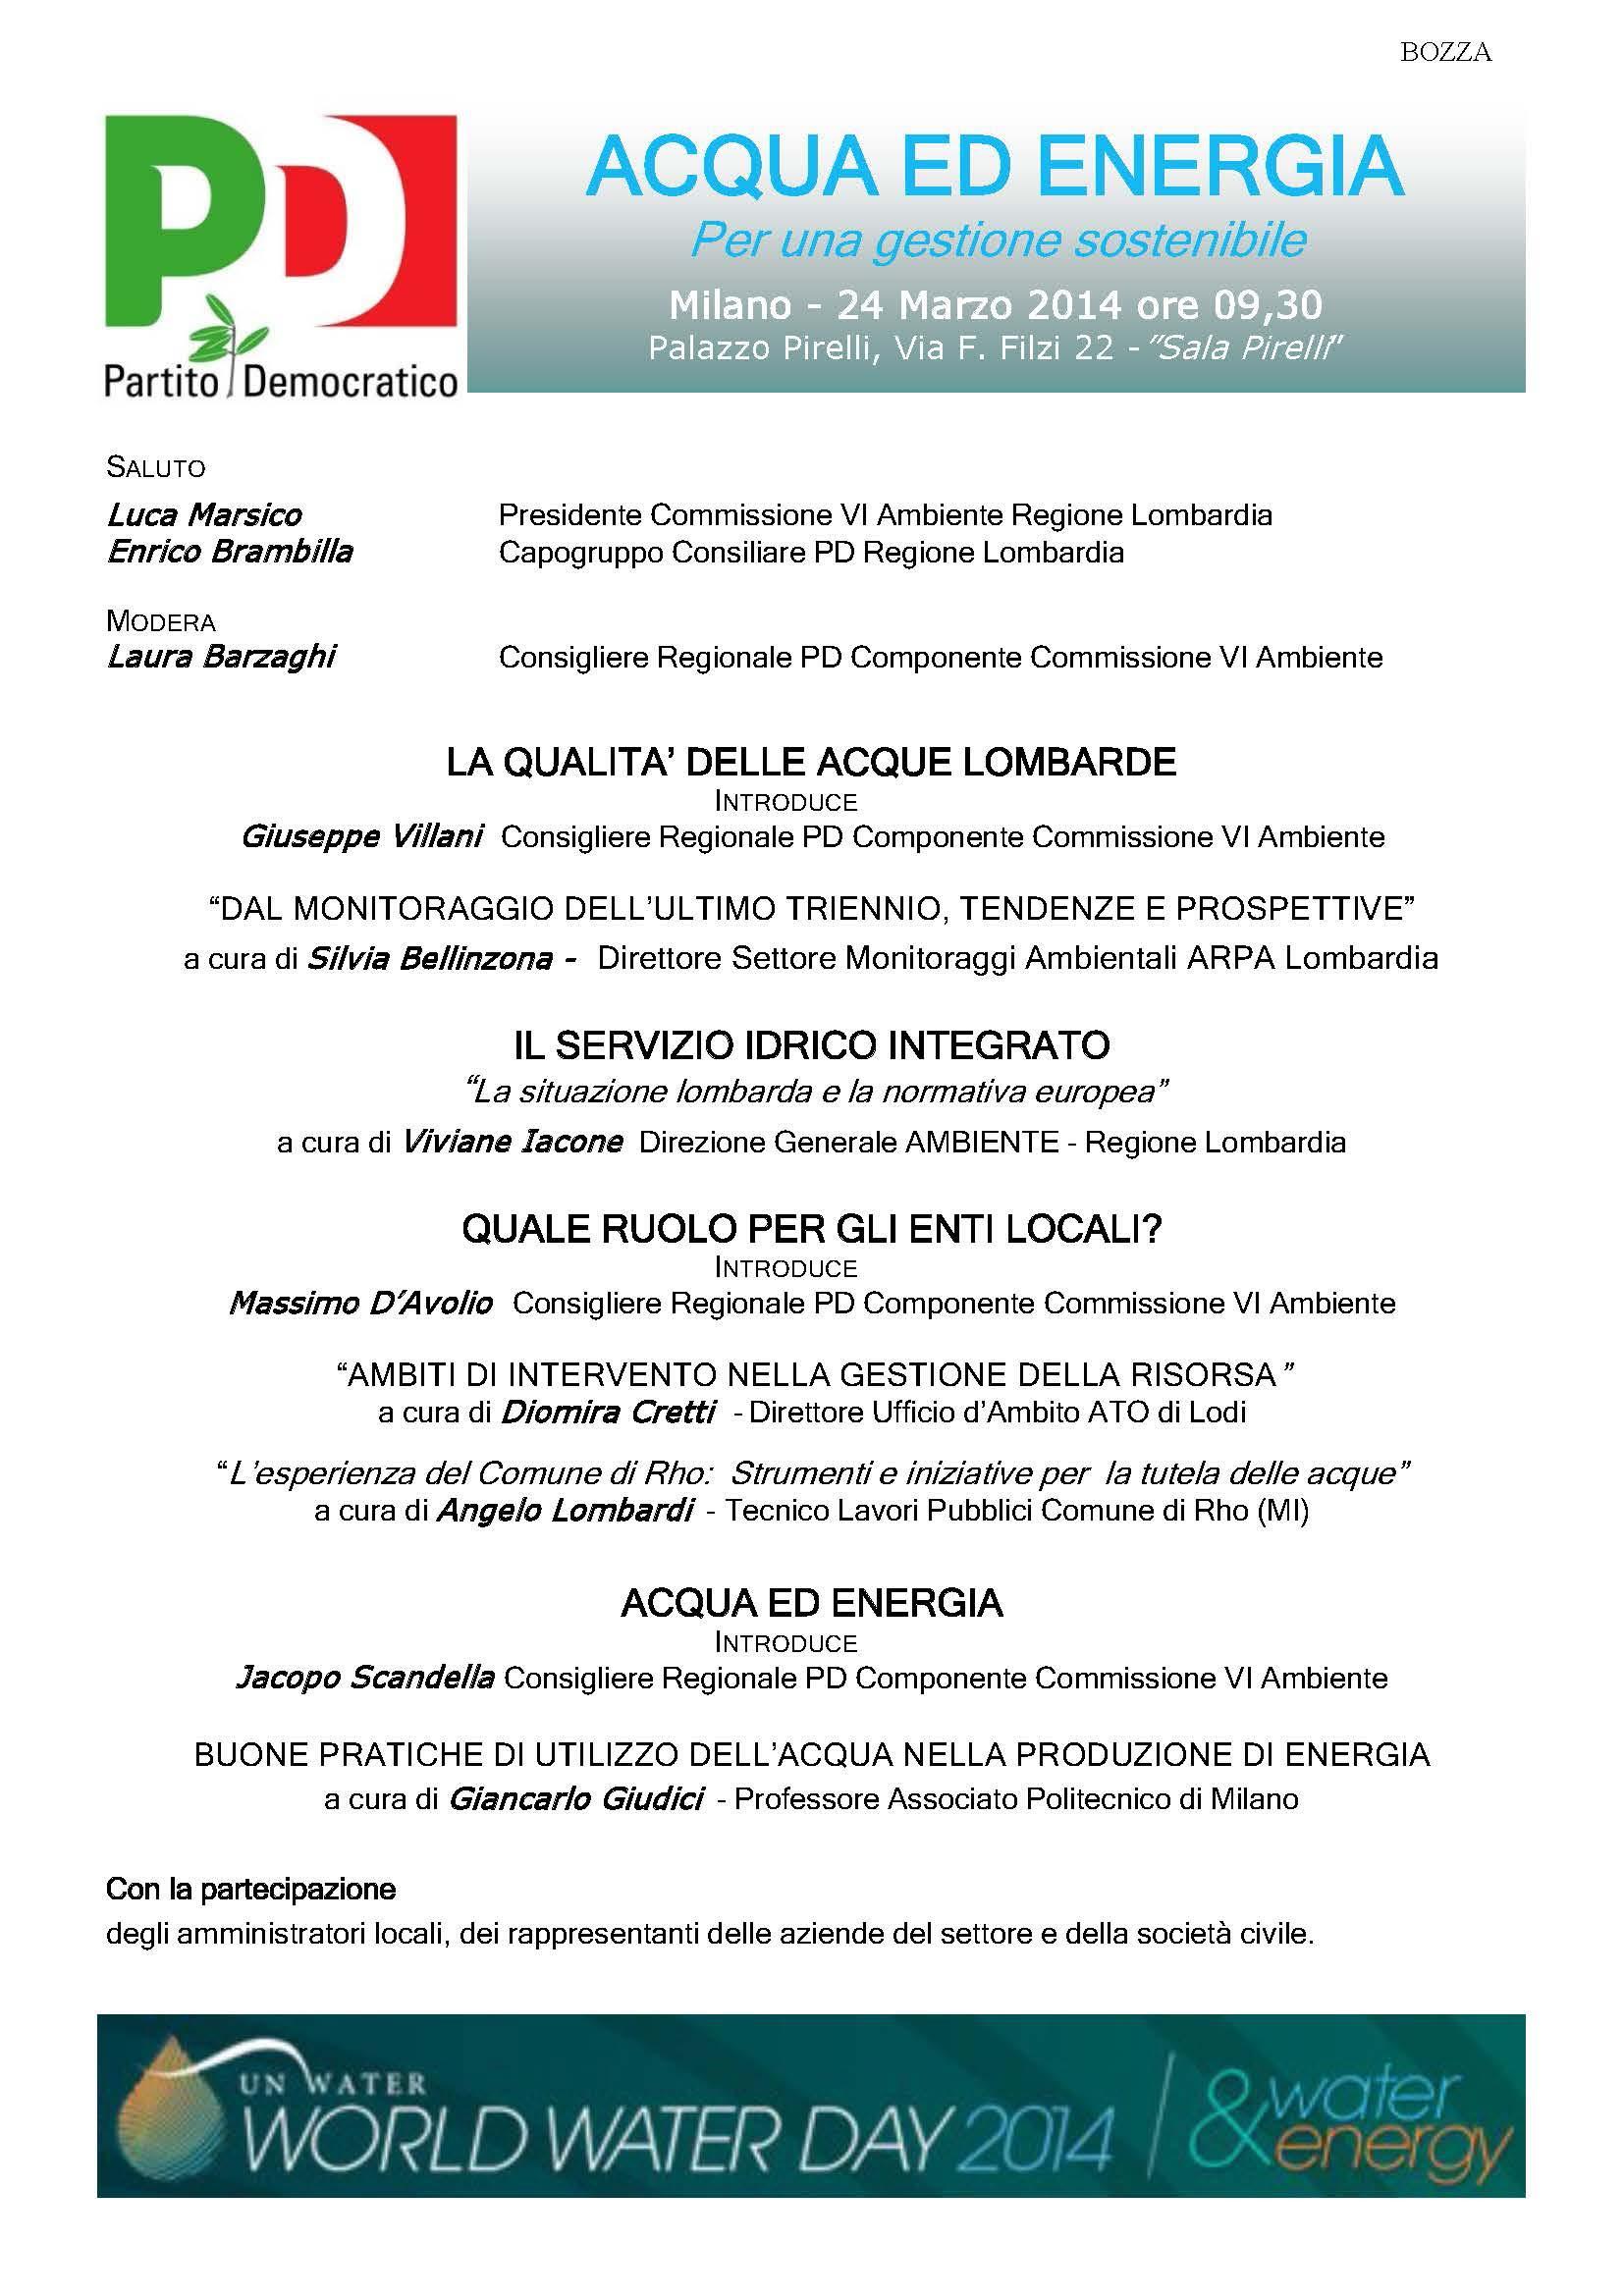 Locandina Acqua ed Energia 24.03.2014